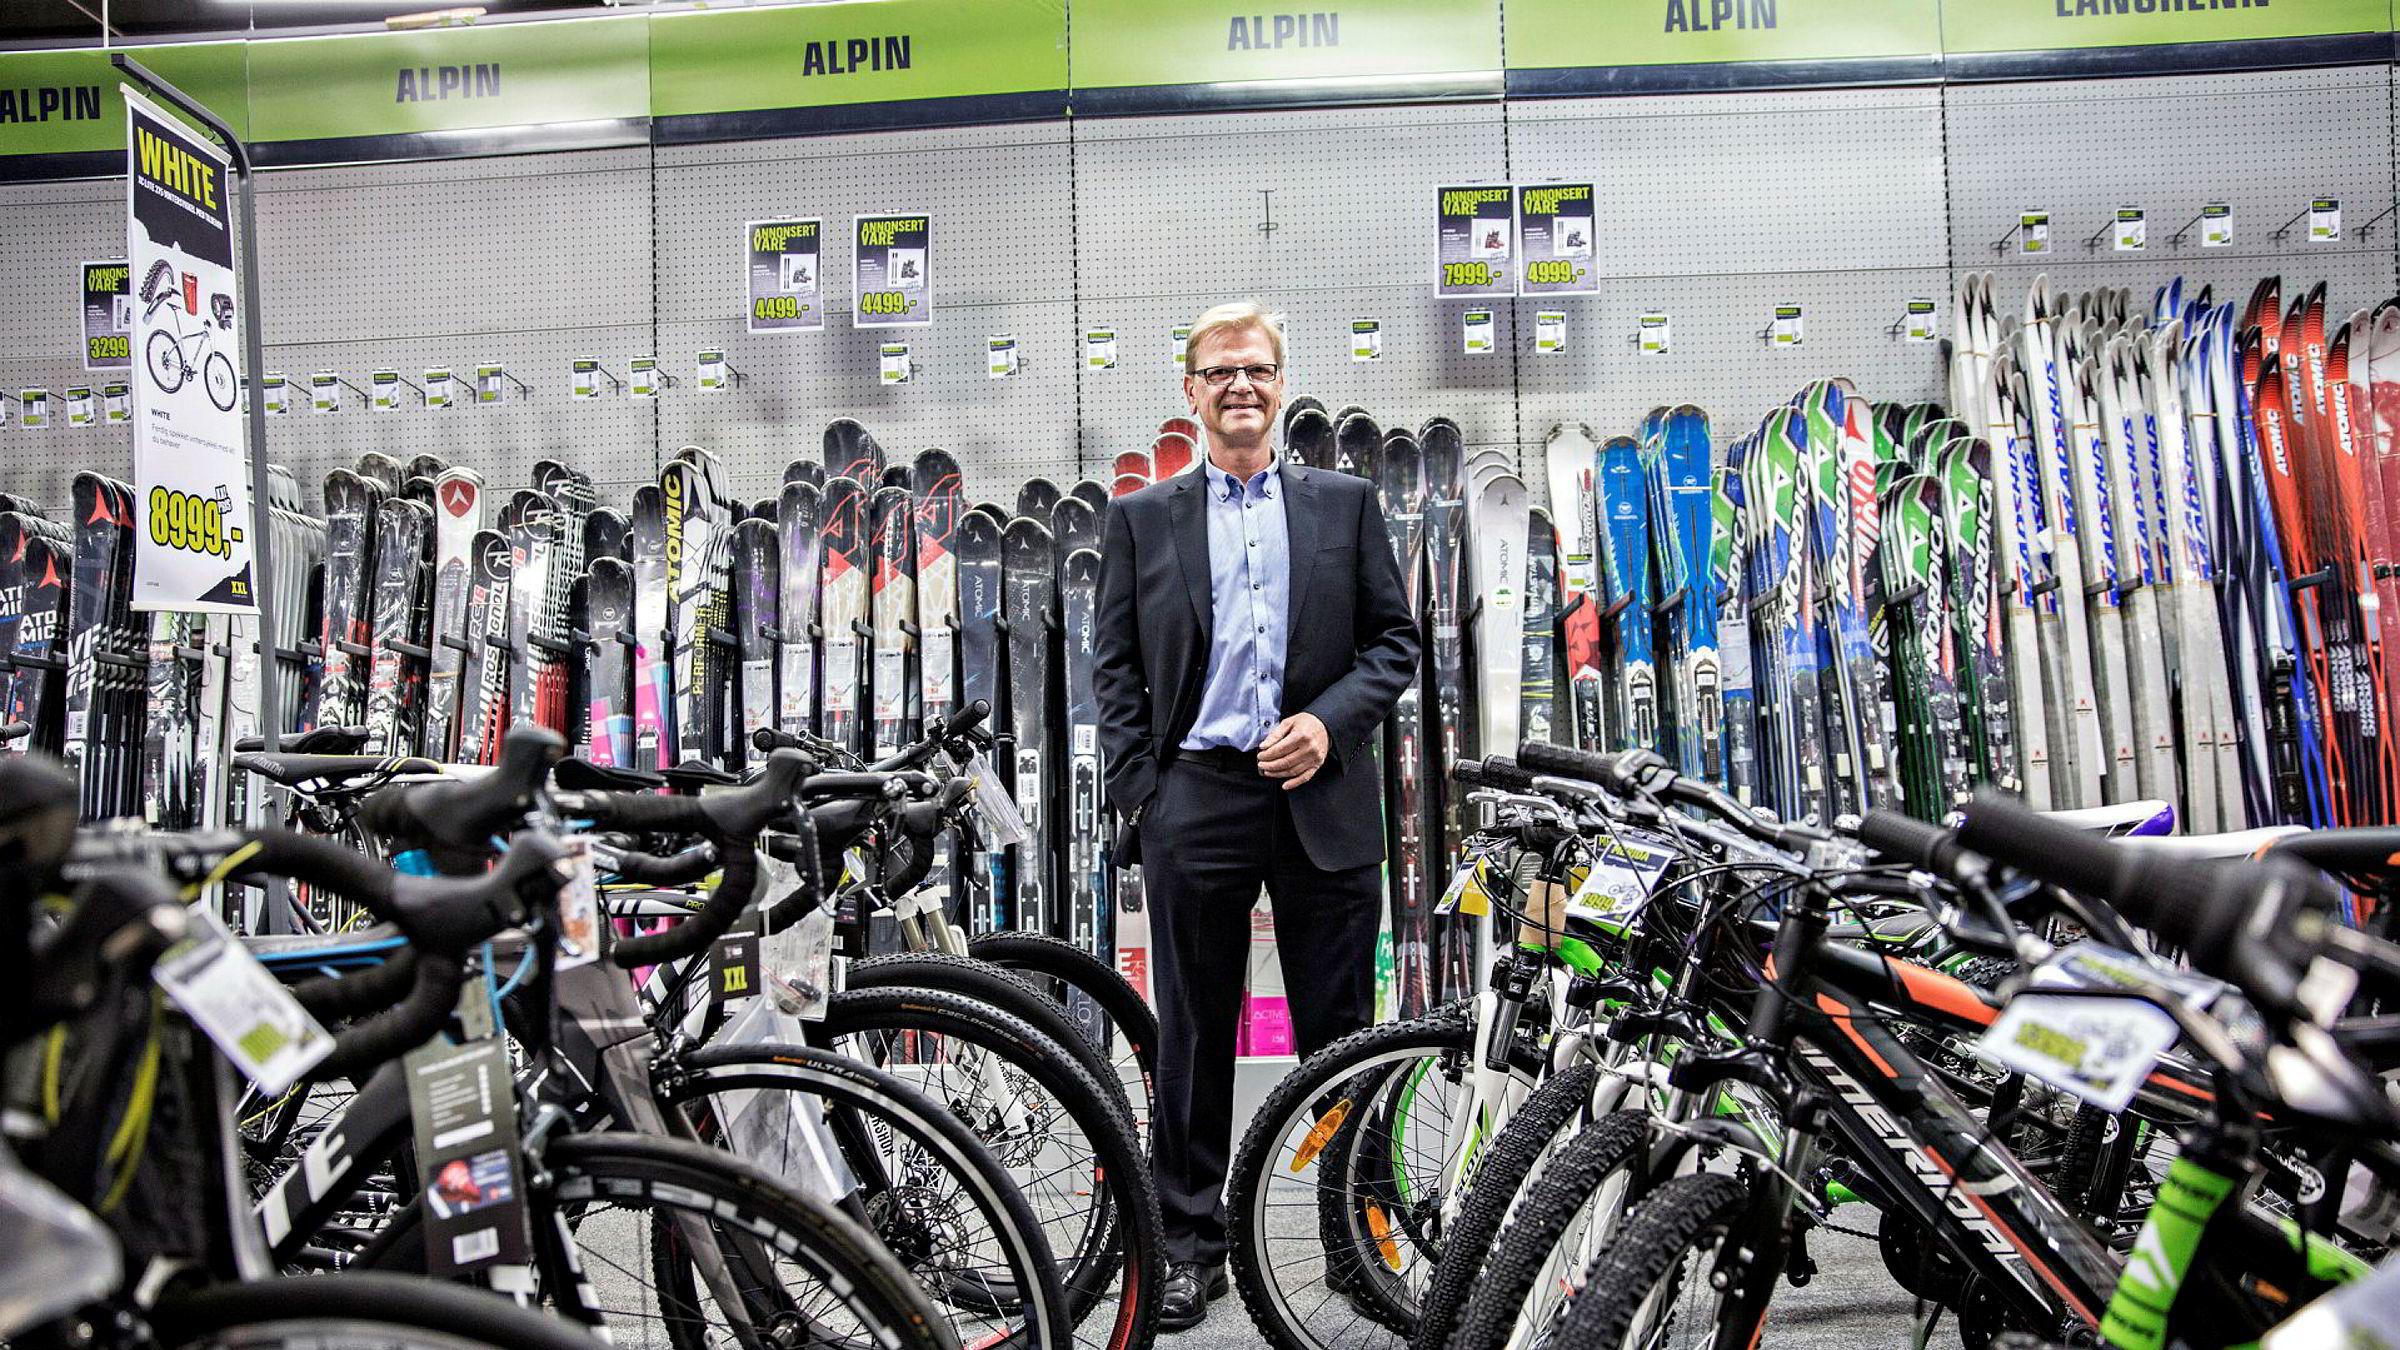 Markedet for idrettslag er på tre milliarder kroner i Norden. Nå vil XXL-sjef Hans Fredrik Steenbuch ha en større del av denne kaken med en ny handelsplattform.